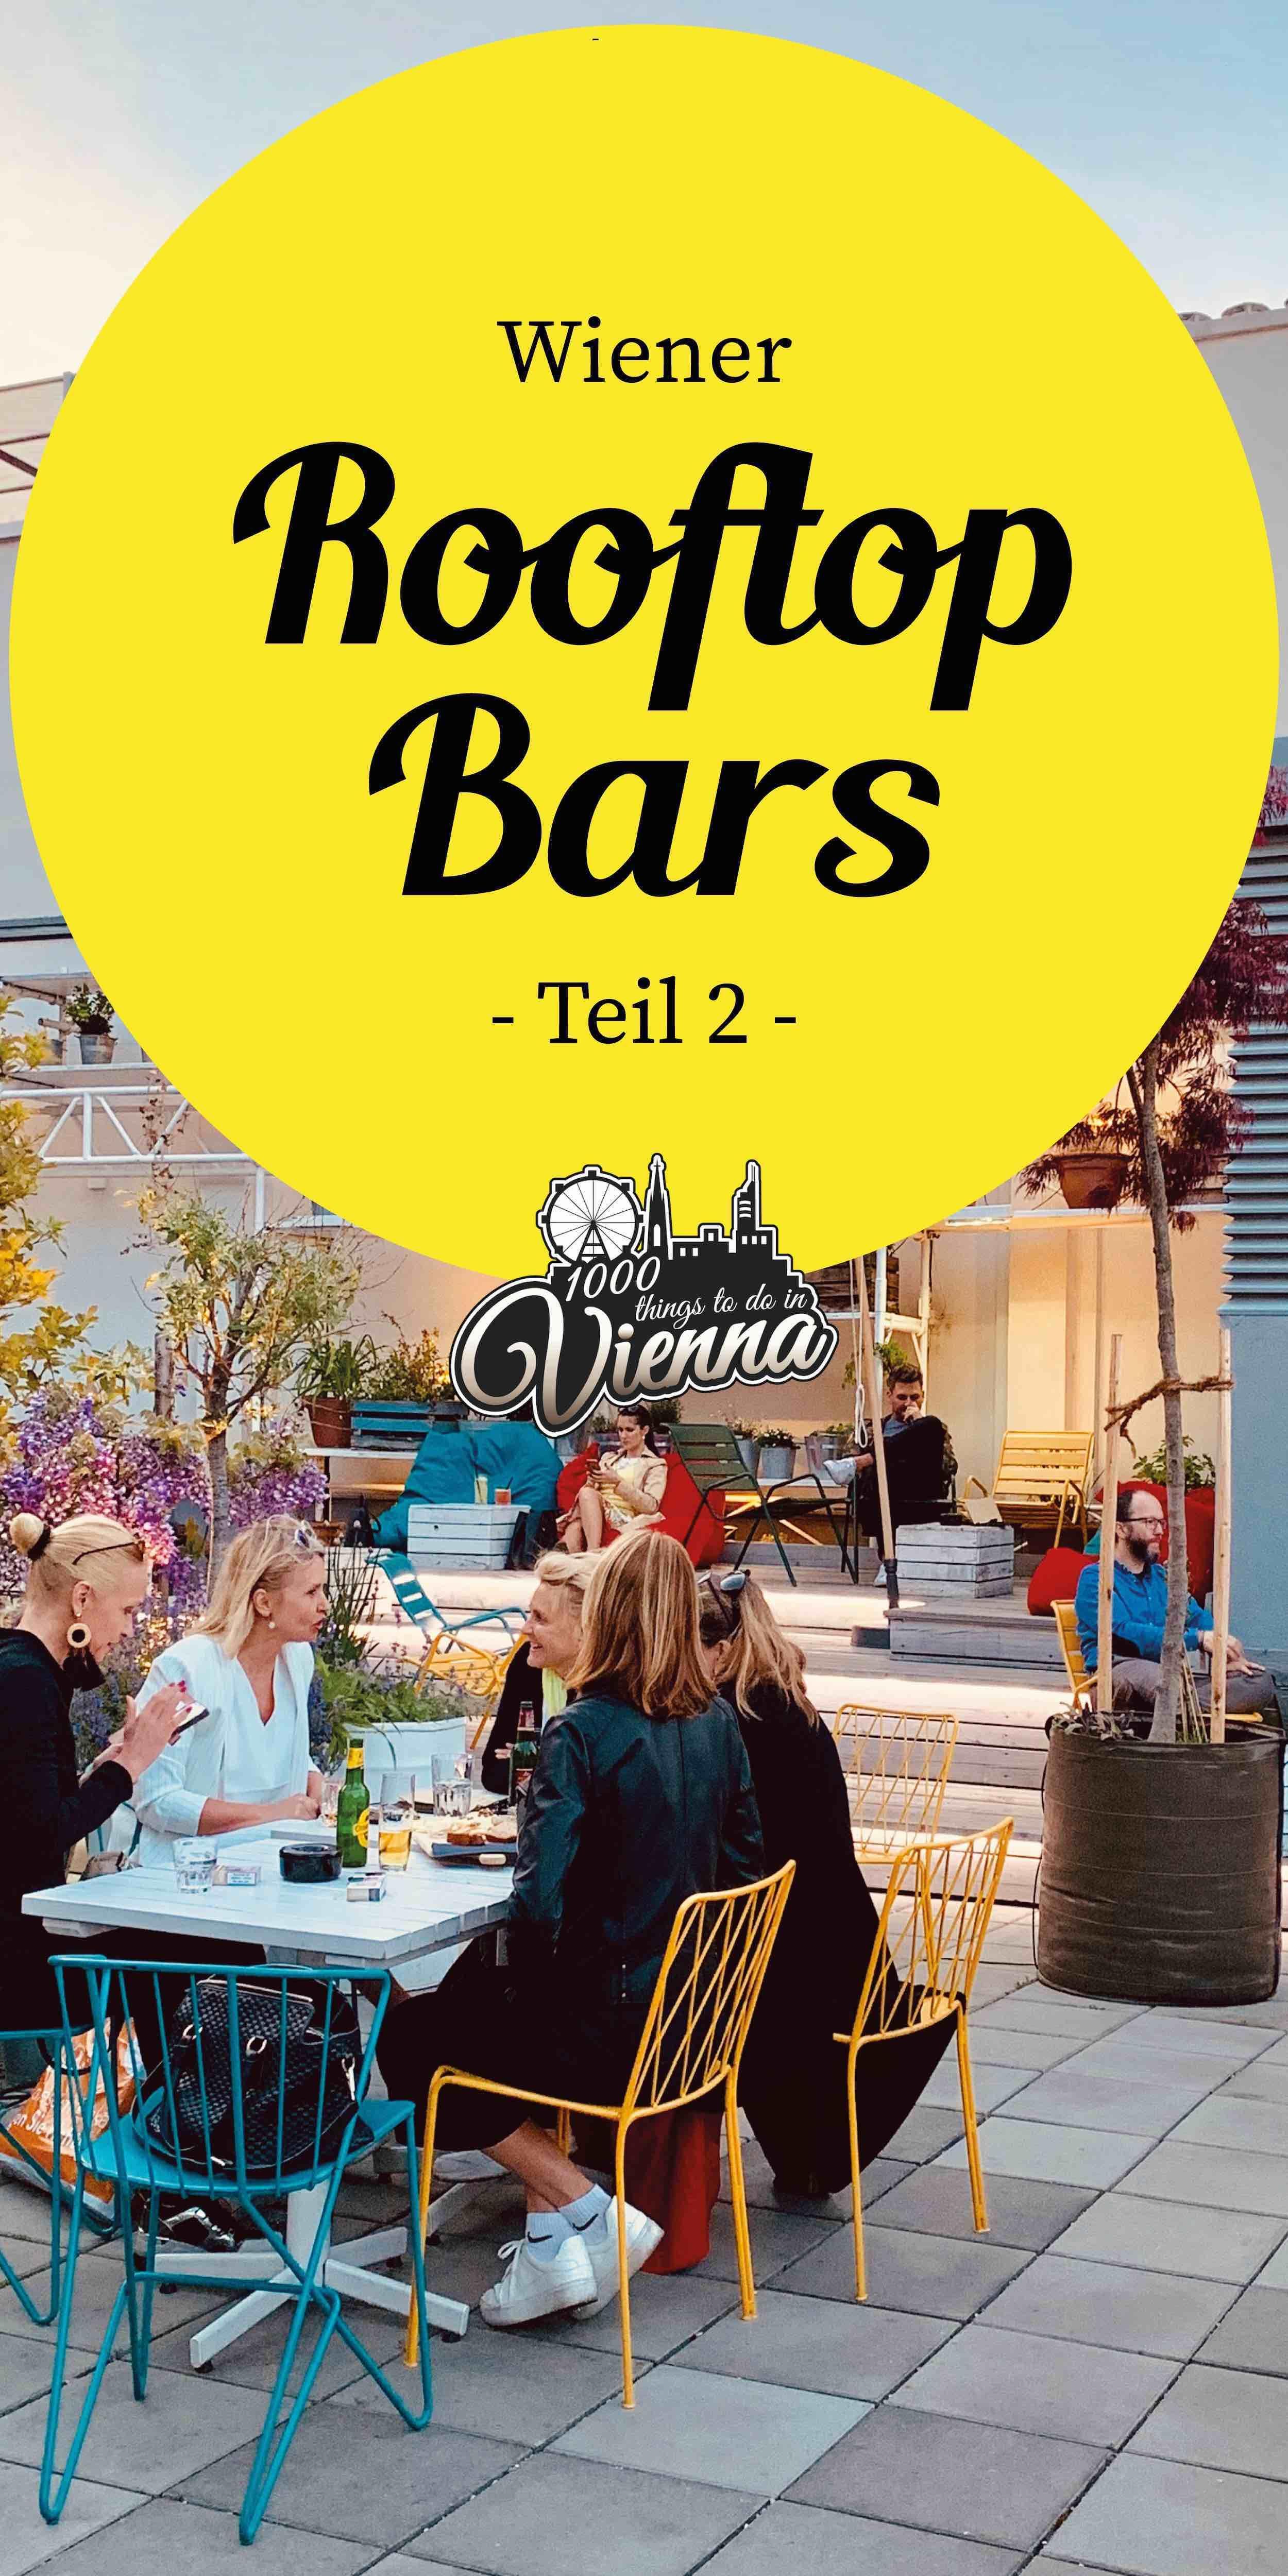 Die schönsten Dachterrassen-Bars in Wien 2019 - Teil 2 - 1000things.at